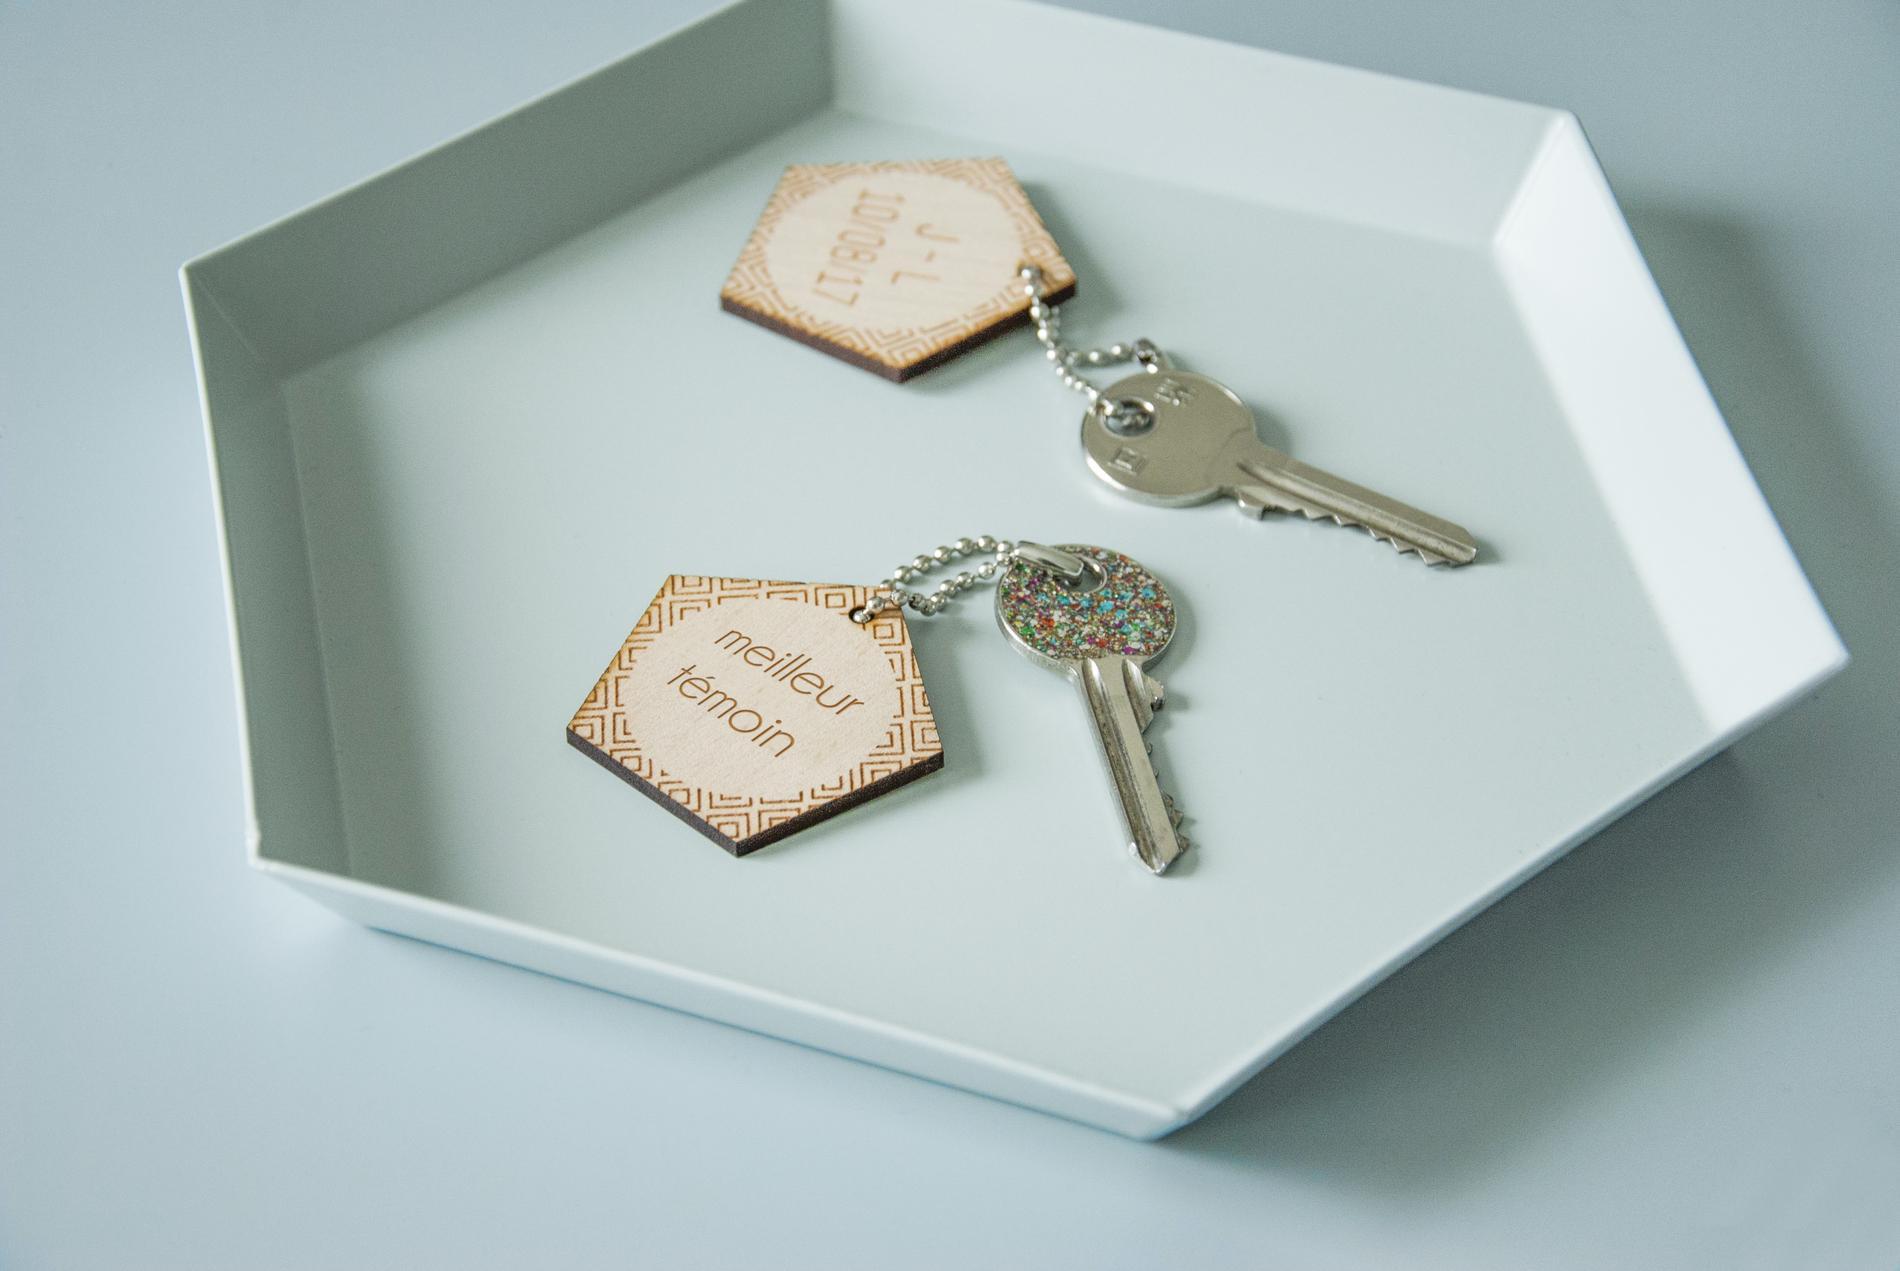 des cadeaux d invit s vraiment originaux pour un mariage personnalis madame figaro. Black Bedroom Furniture Sets. Home Design Ideas